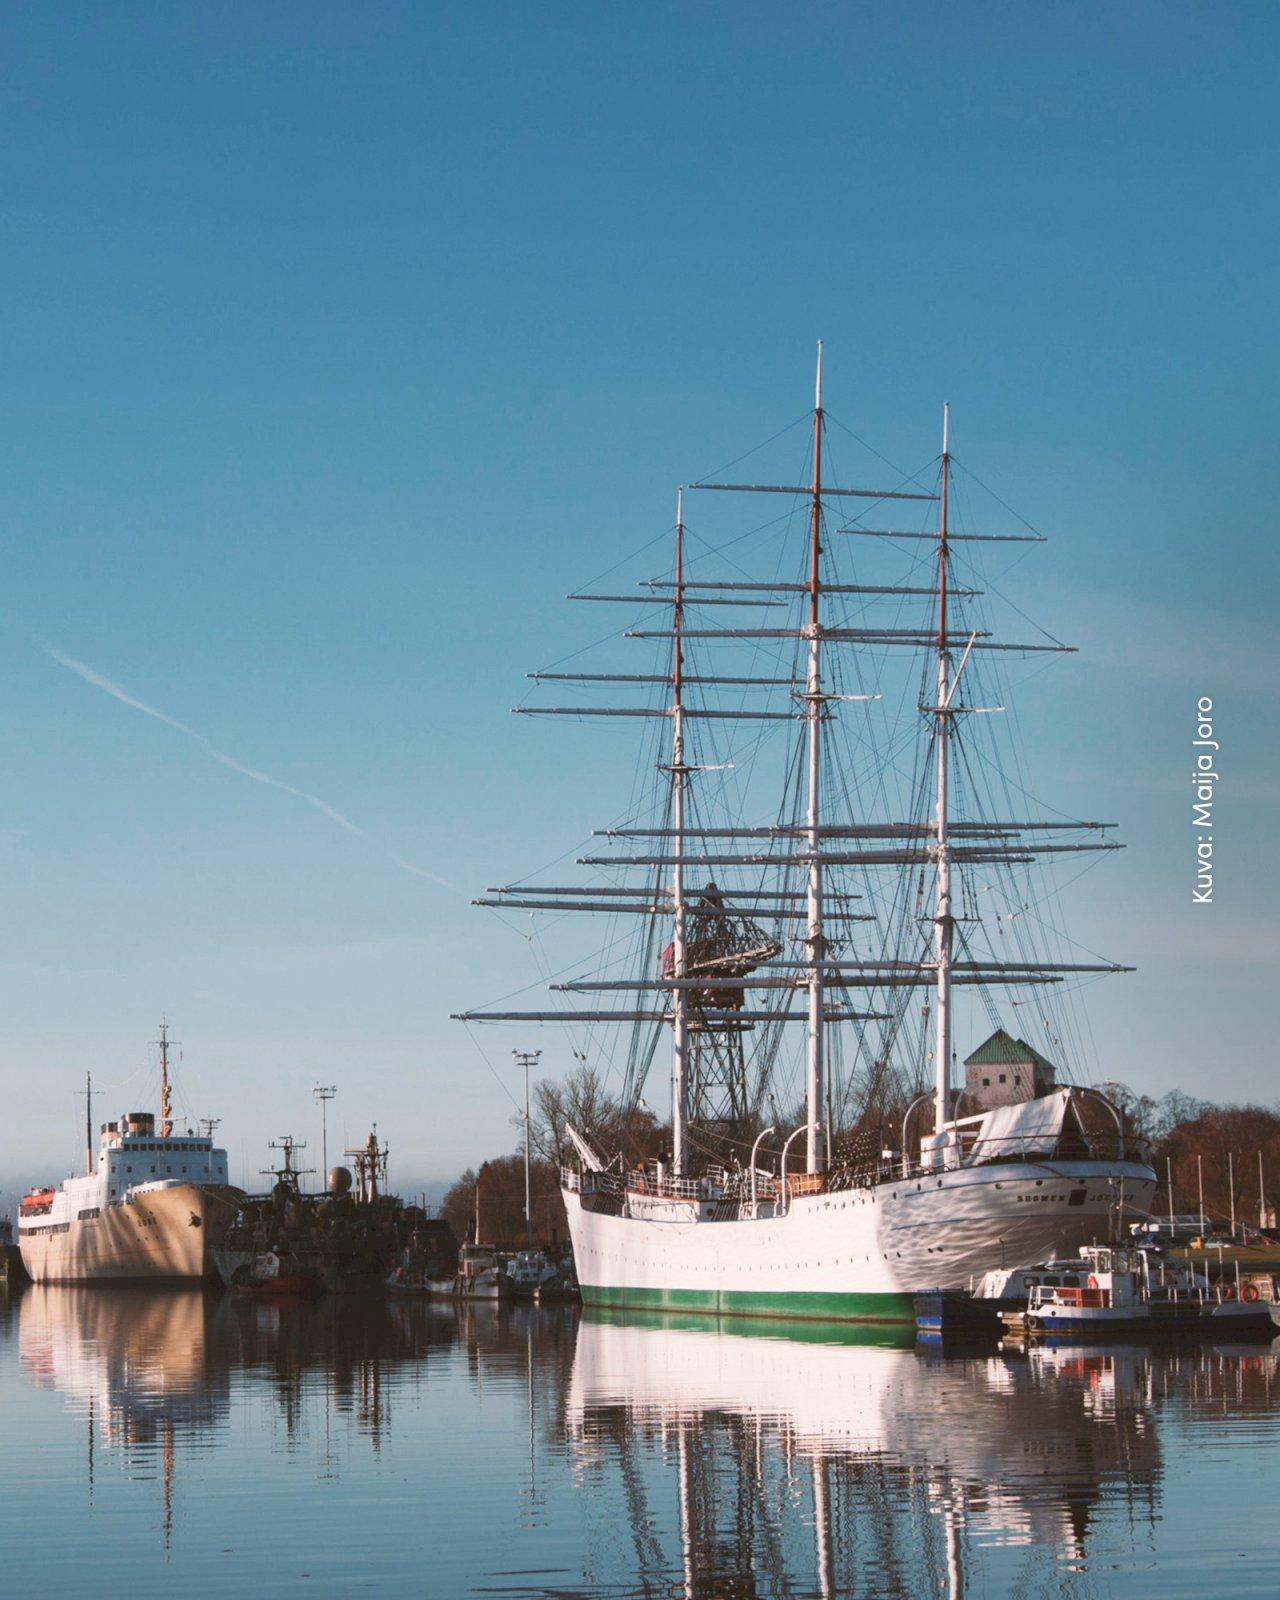 Forum Marinumin iso museolaiva Suomen Joutsen Aurajoen rannassa.